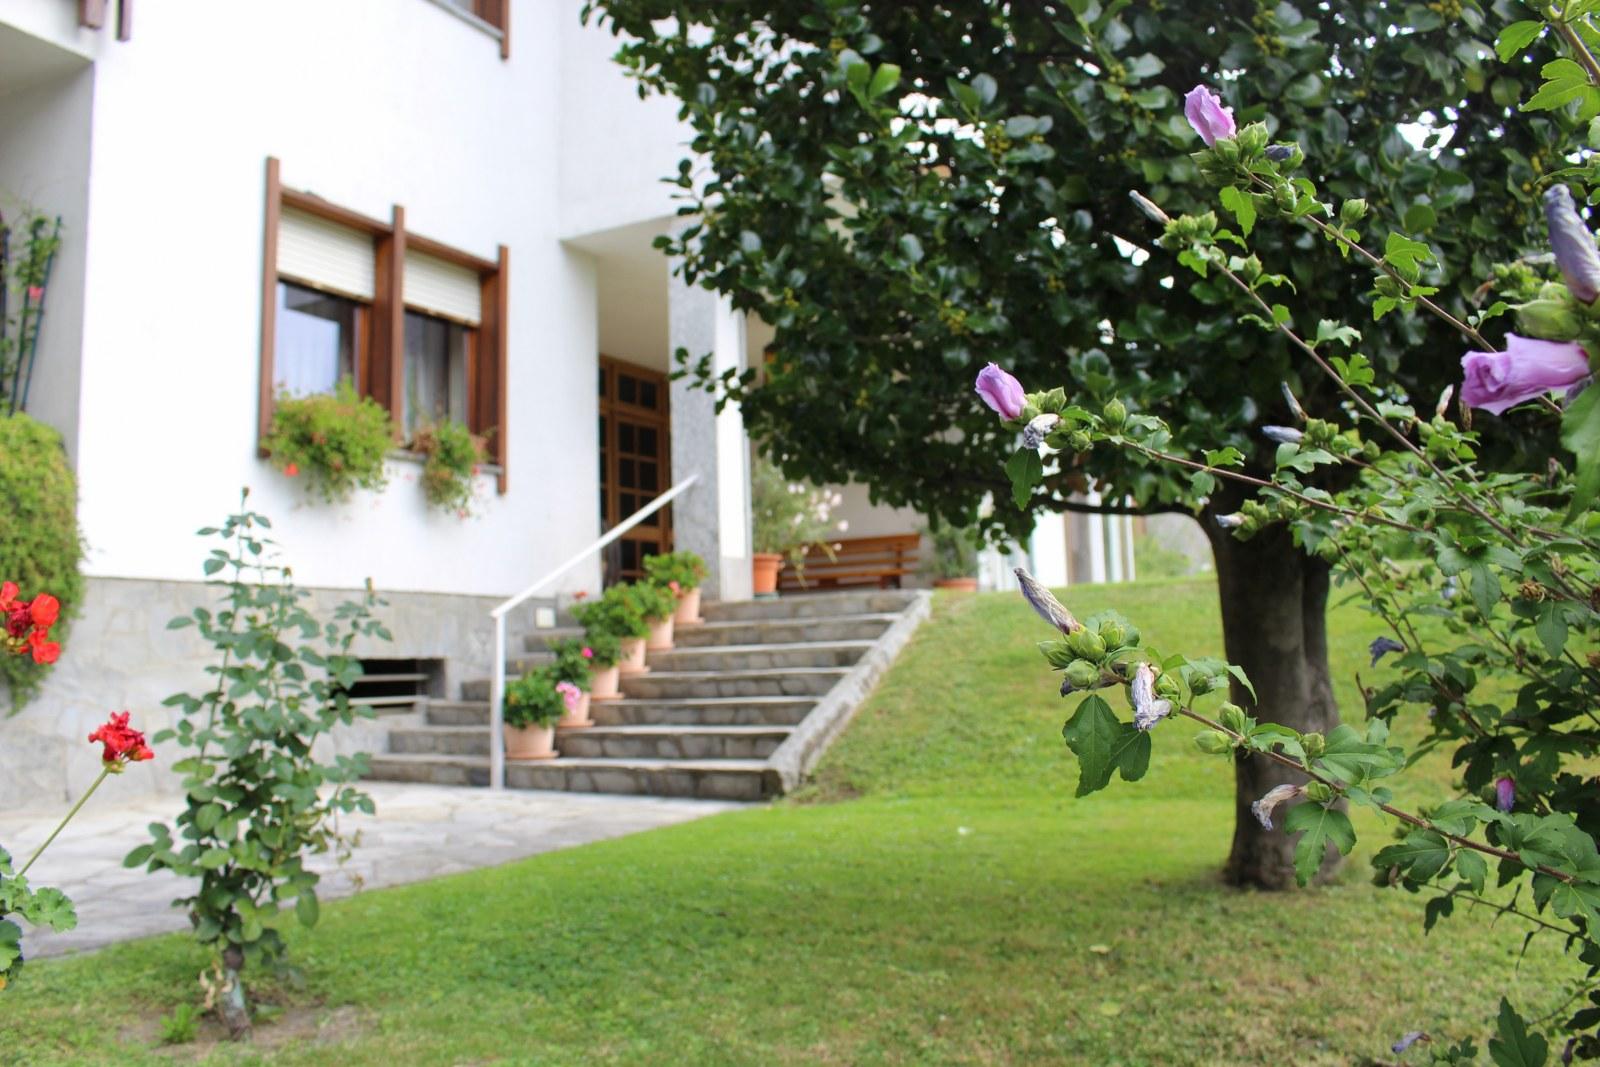 Appartamento in affitto a Aosta, 5 locali, zona Zona: Centro, prezzo € 850 | CambioCasa.it